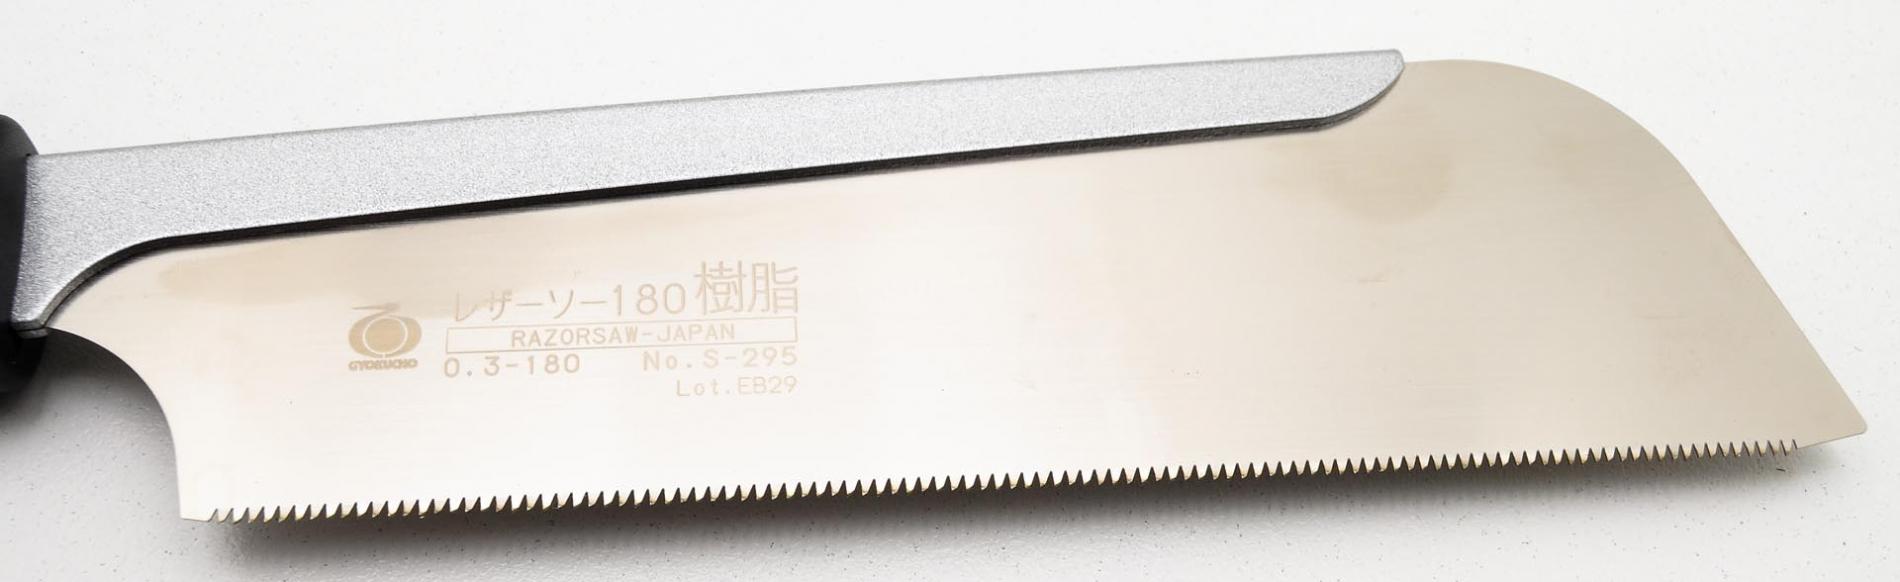 RS295-Usuba al hilo 17TPI serrucho costillar japones 18cm Gyokucho Rs295-max-3.